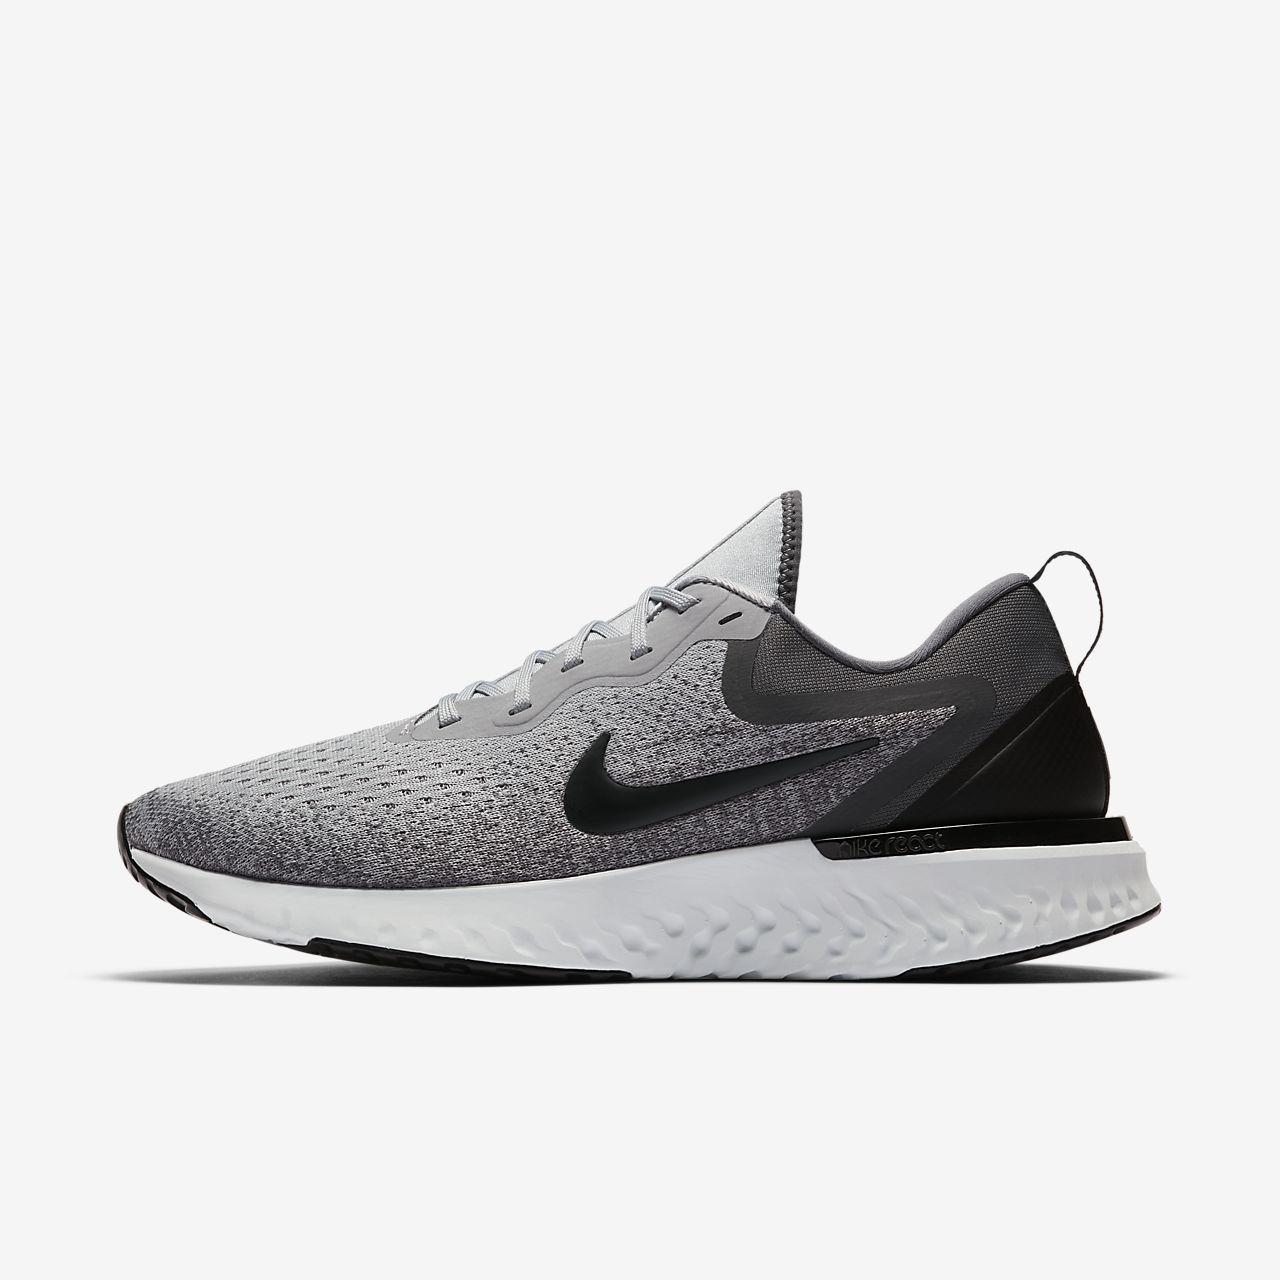 Nike Chaussures Odyssey Course Réagissent - Noir / Blanc hvsSrAKC